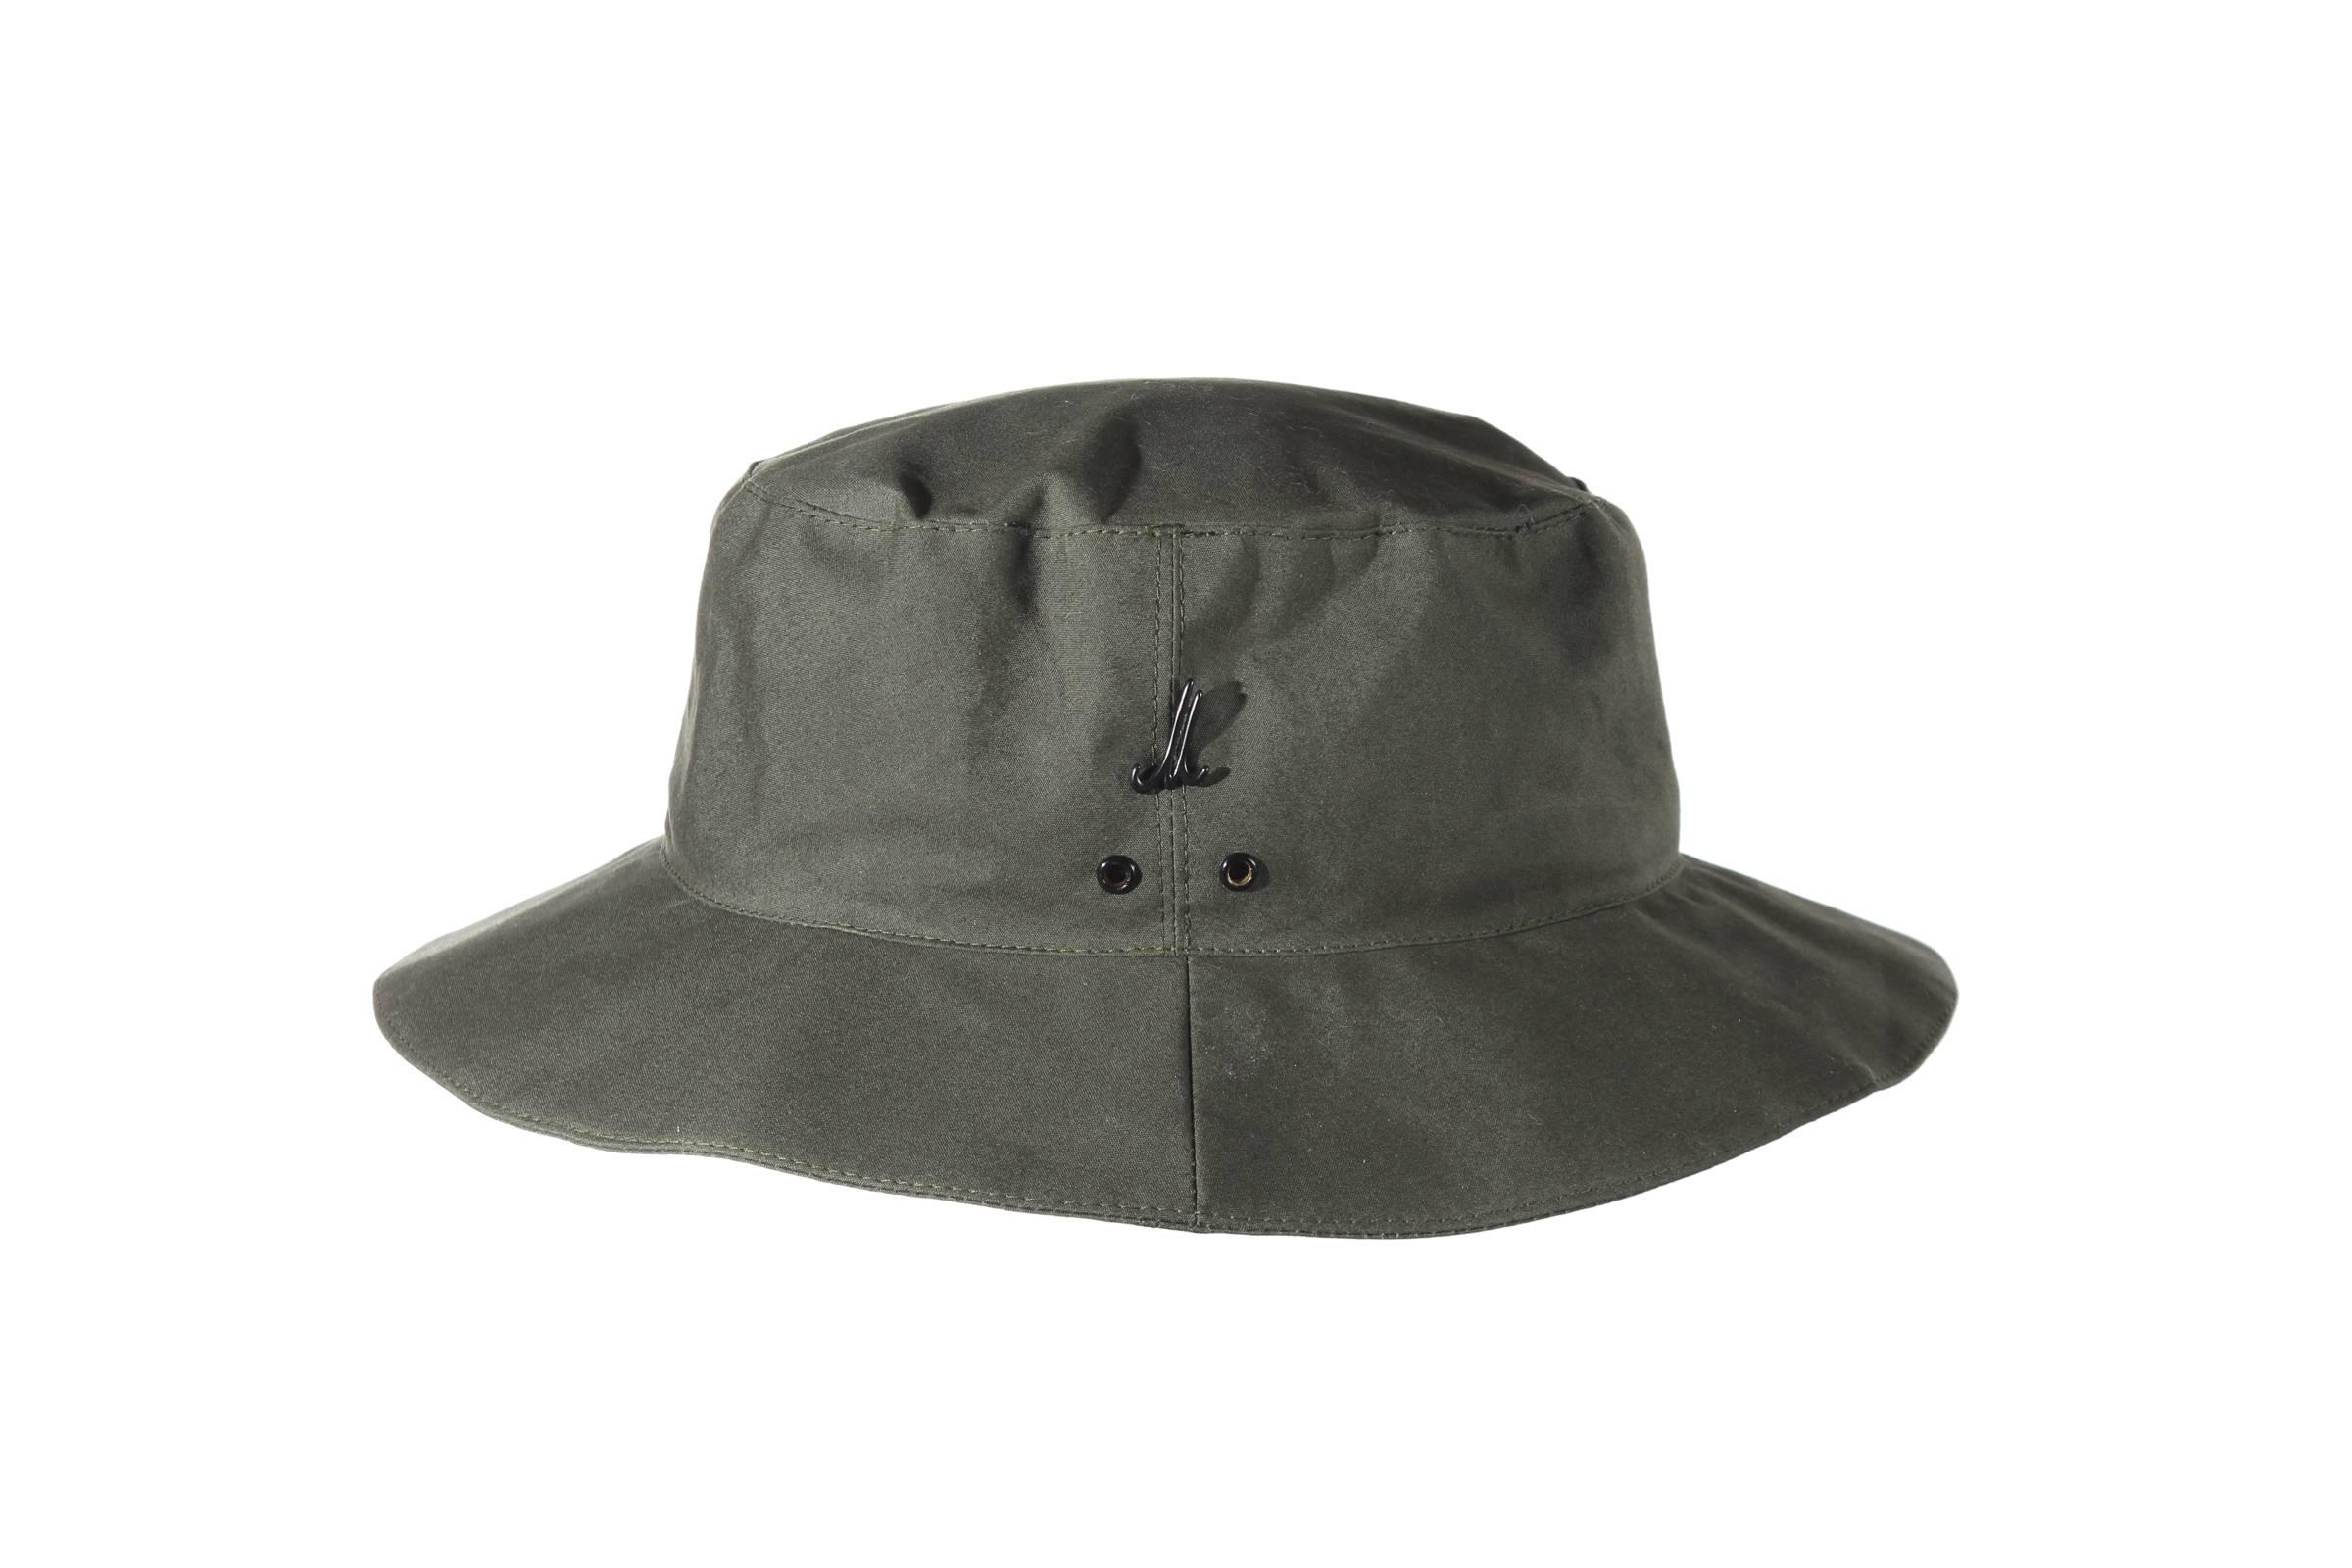 JOS - rain hat - Baumwolle gewachst  cdad1fcf573